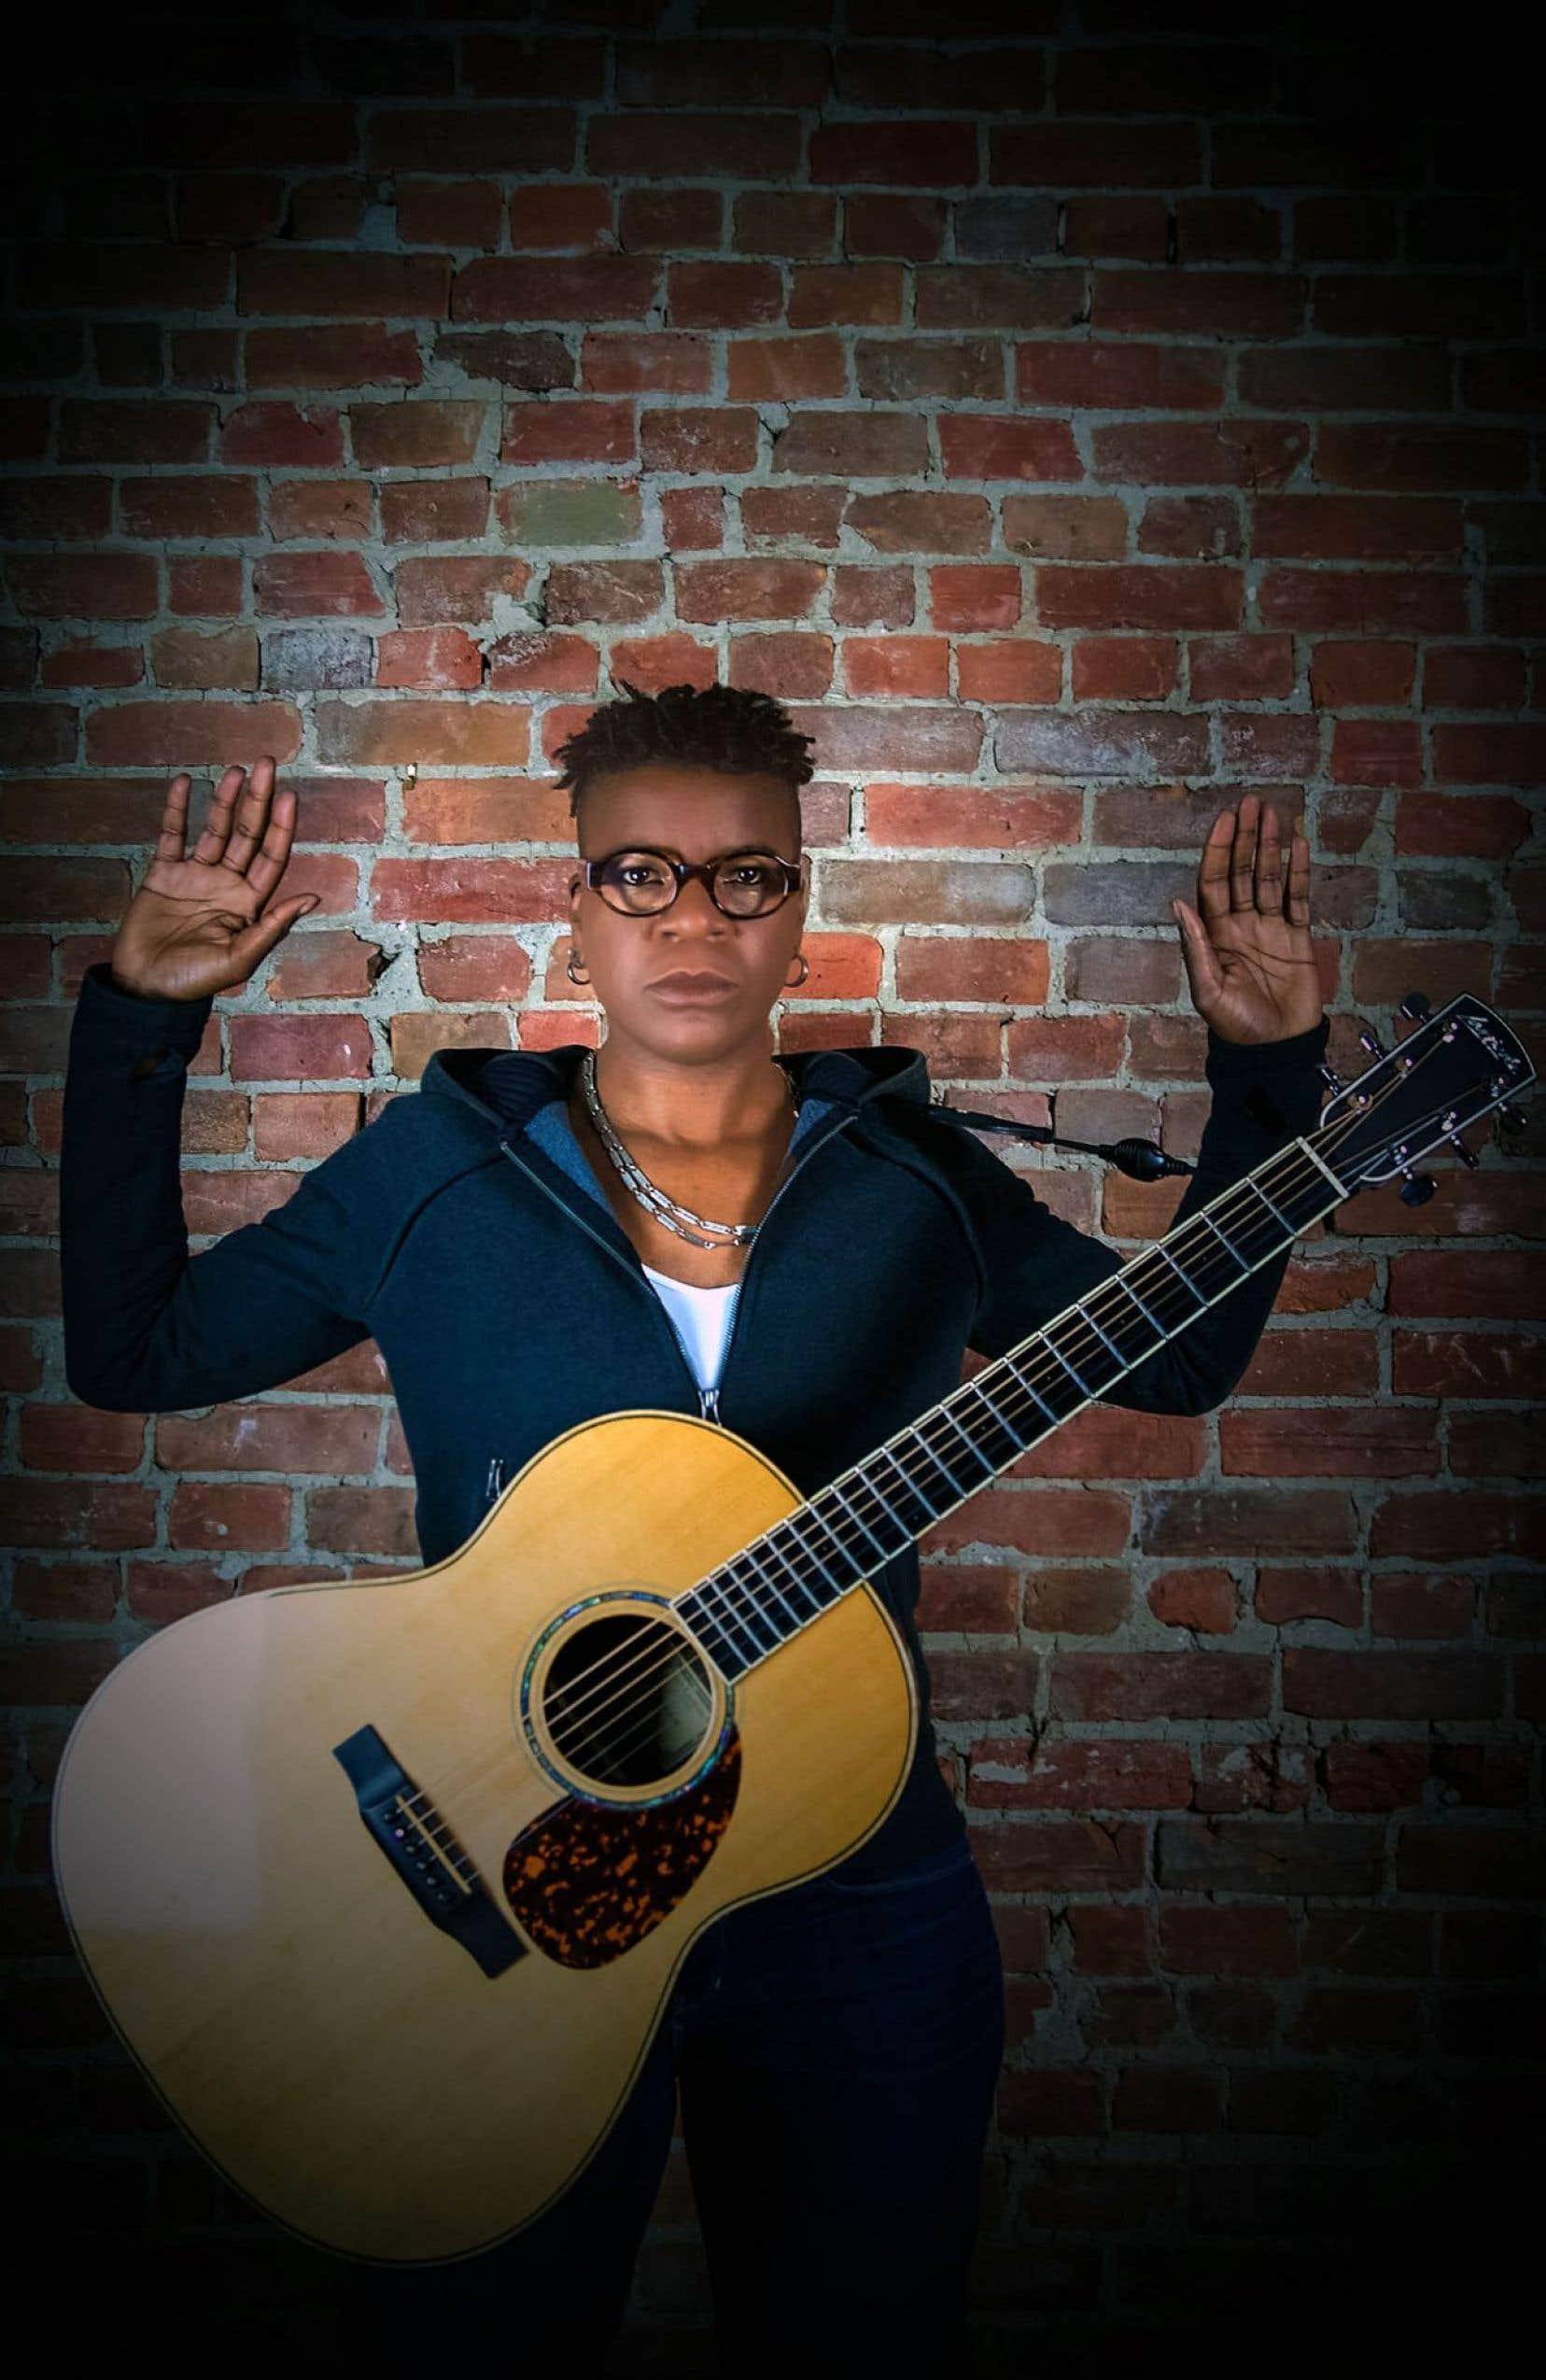 La chanteuse-guitariste Cécile Doo-Kingué propose un troisième album acoustique, ancré dans ses racines africaines, mais porteur d'une voix sociale engagée.